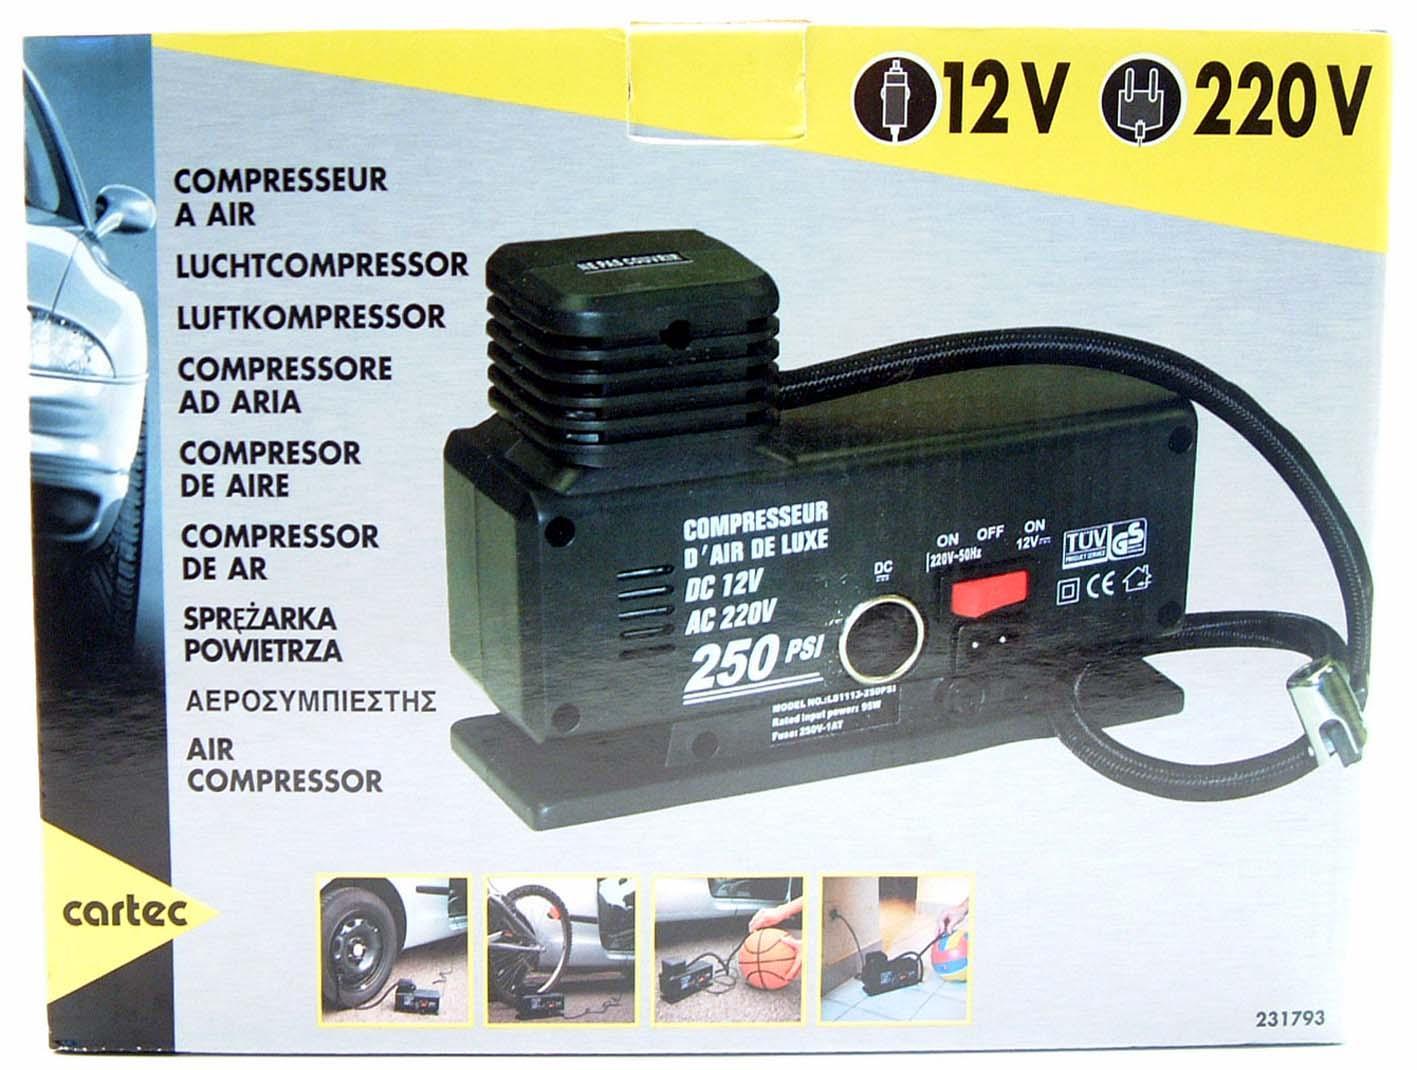 Compressor de ar CARTEC 231793 classificação